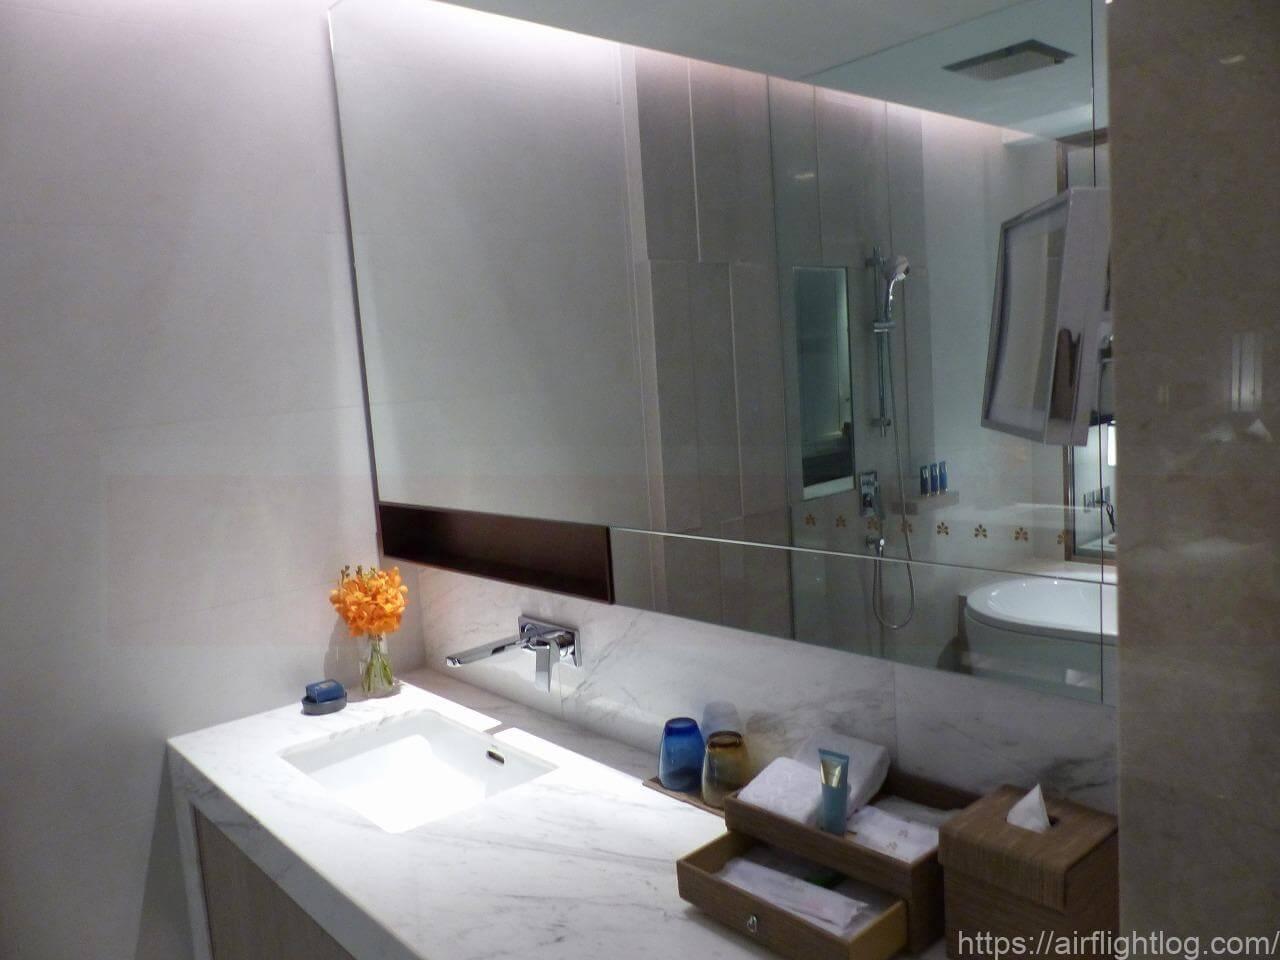 ホテル ニッコー・バンコク「ニッコー・クラブ」客室(ウエットエリア/洗面台)